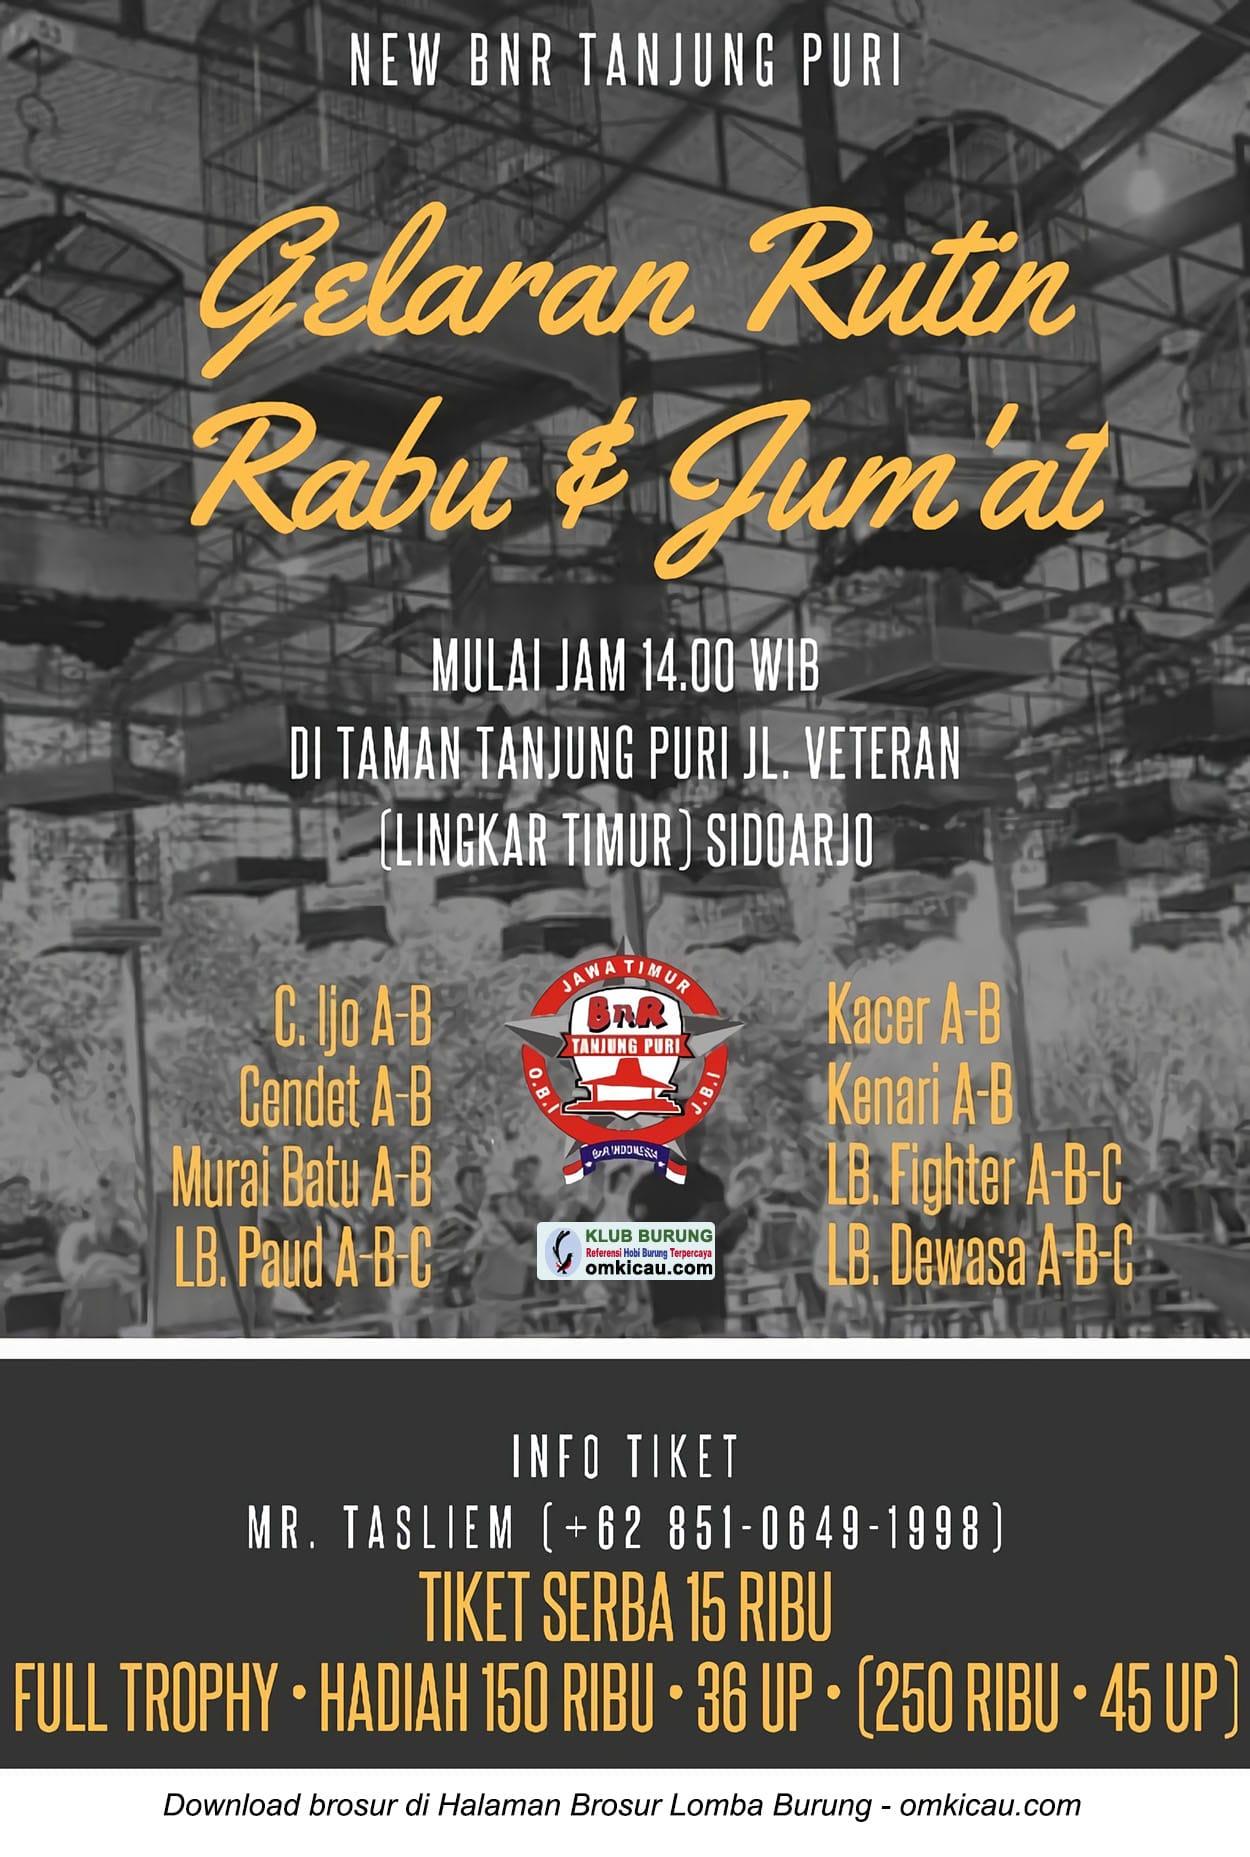 BnR Tanjung Puri